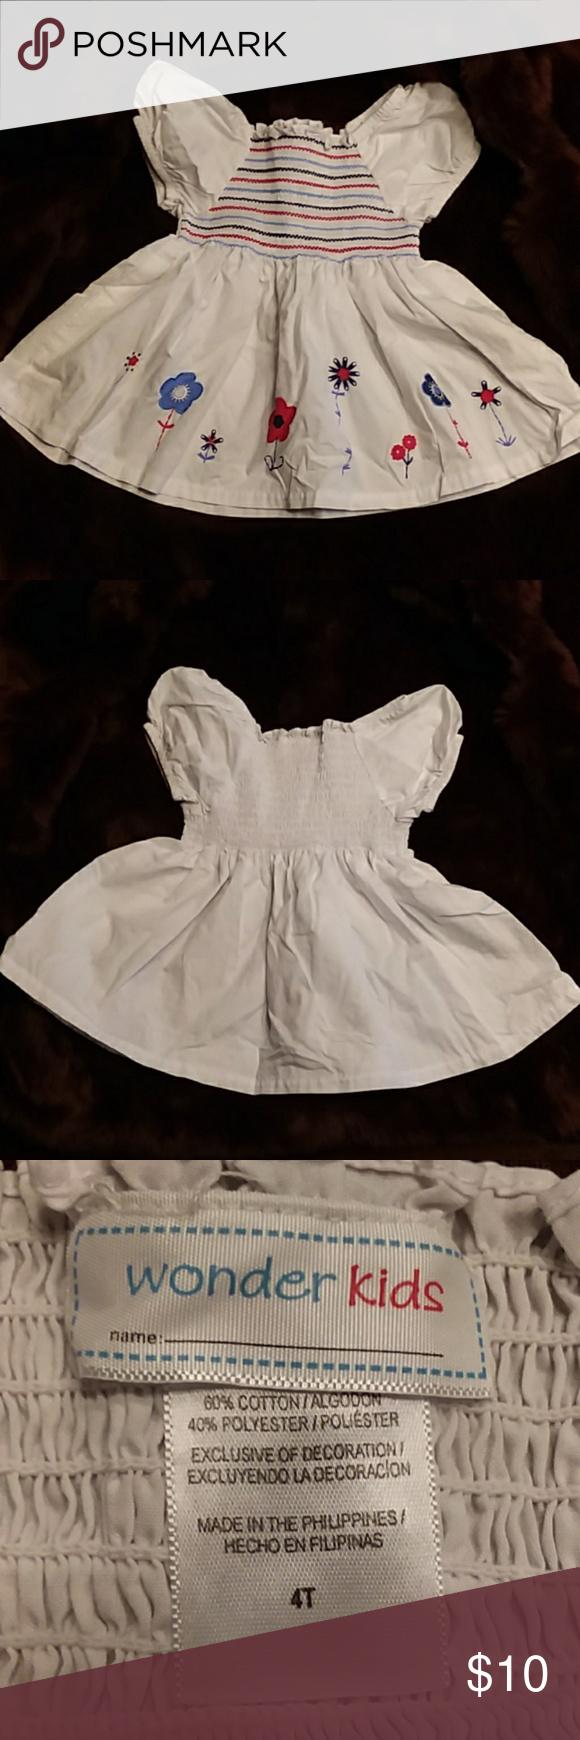 Wonder Kids Adorable Smocked Dress Wonder Kids Girls 4t Adorable Smocked Dress White Dress With Navy Red And Blue Kids Adorable Kids Dresses Clothes Design [ 1740 x 580 Pixel ]